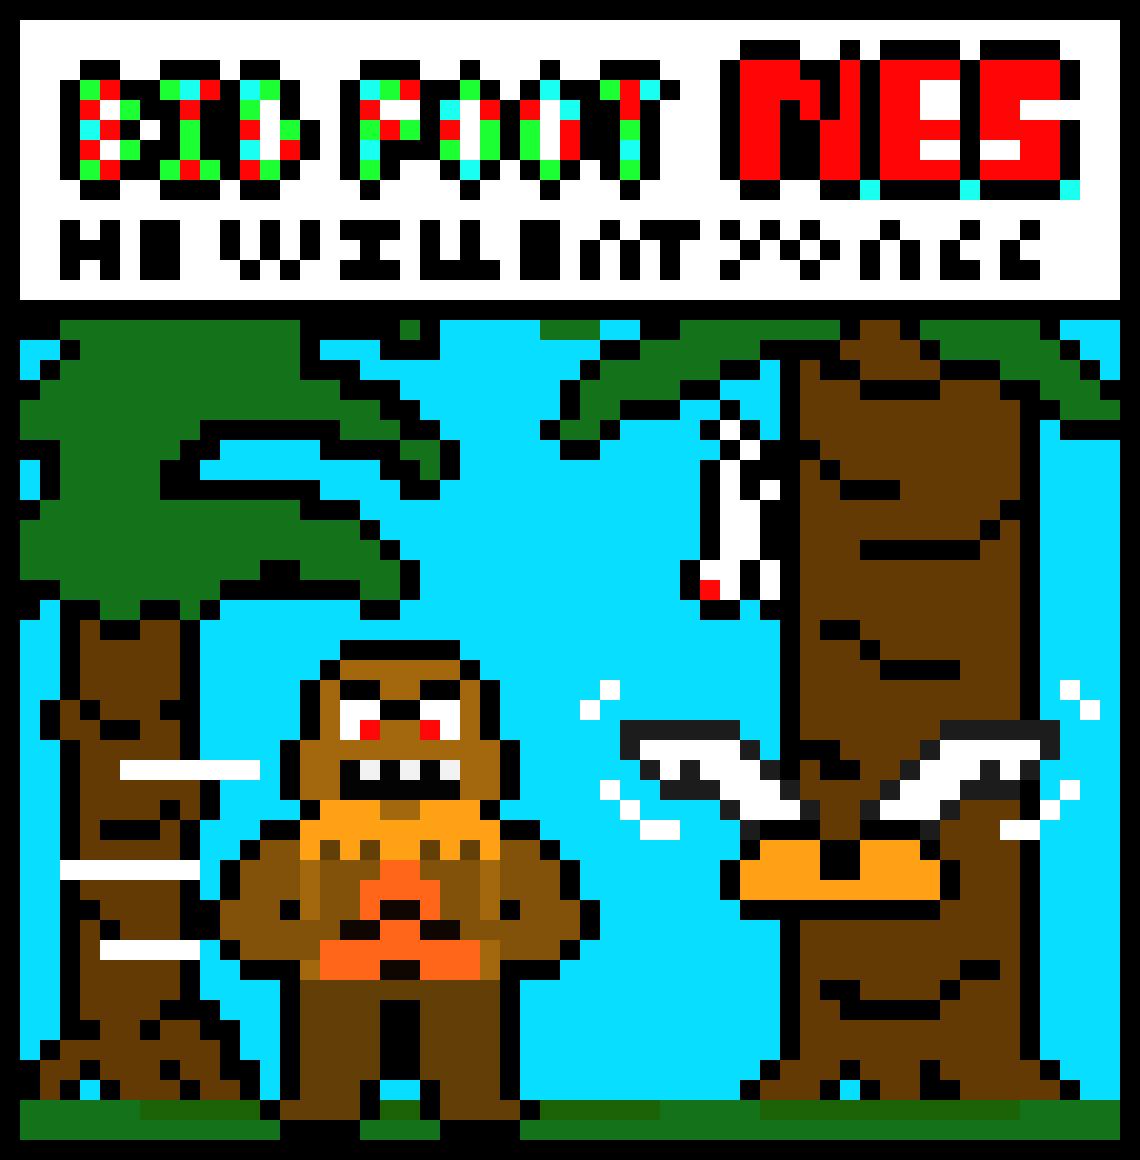 Bigfoot Nes Pixel Art Maker